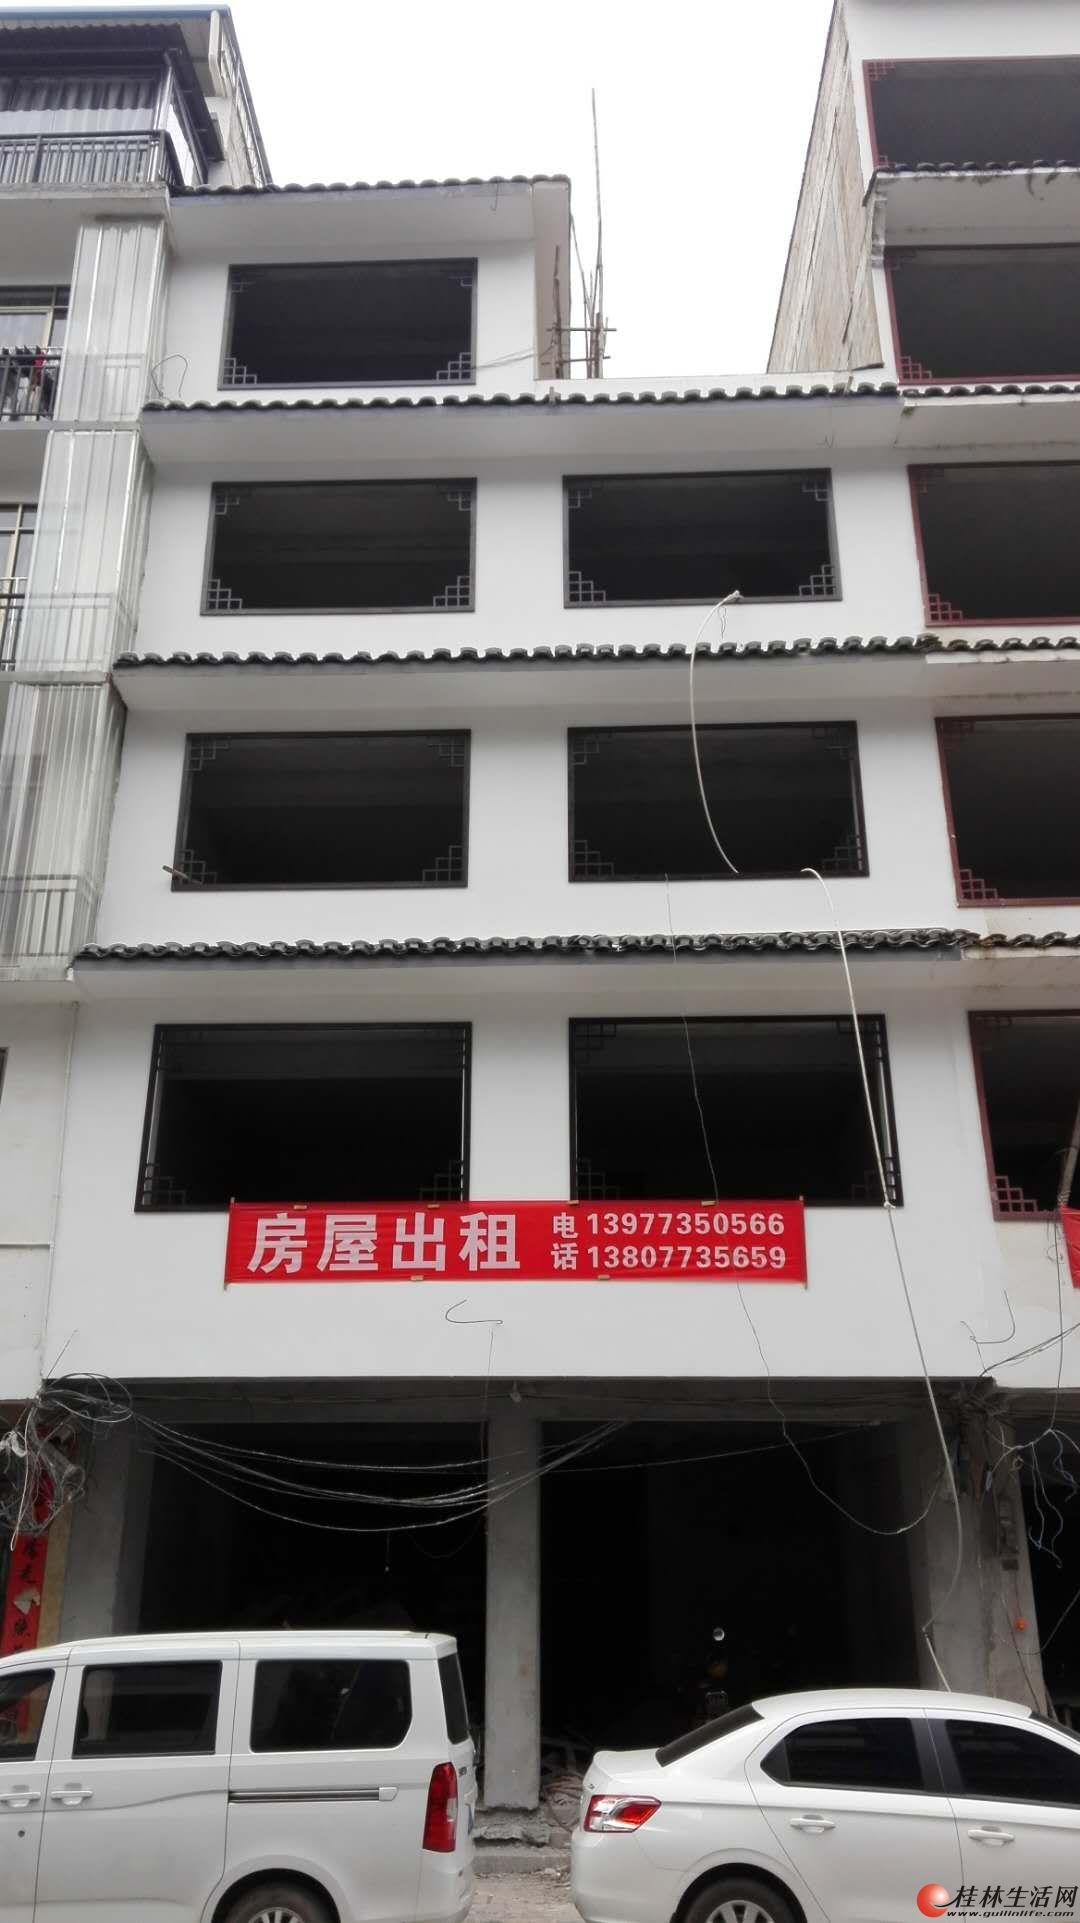 桂林市阳朔县神山路整栋房屋出租